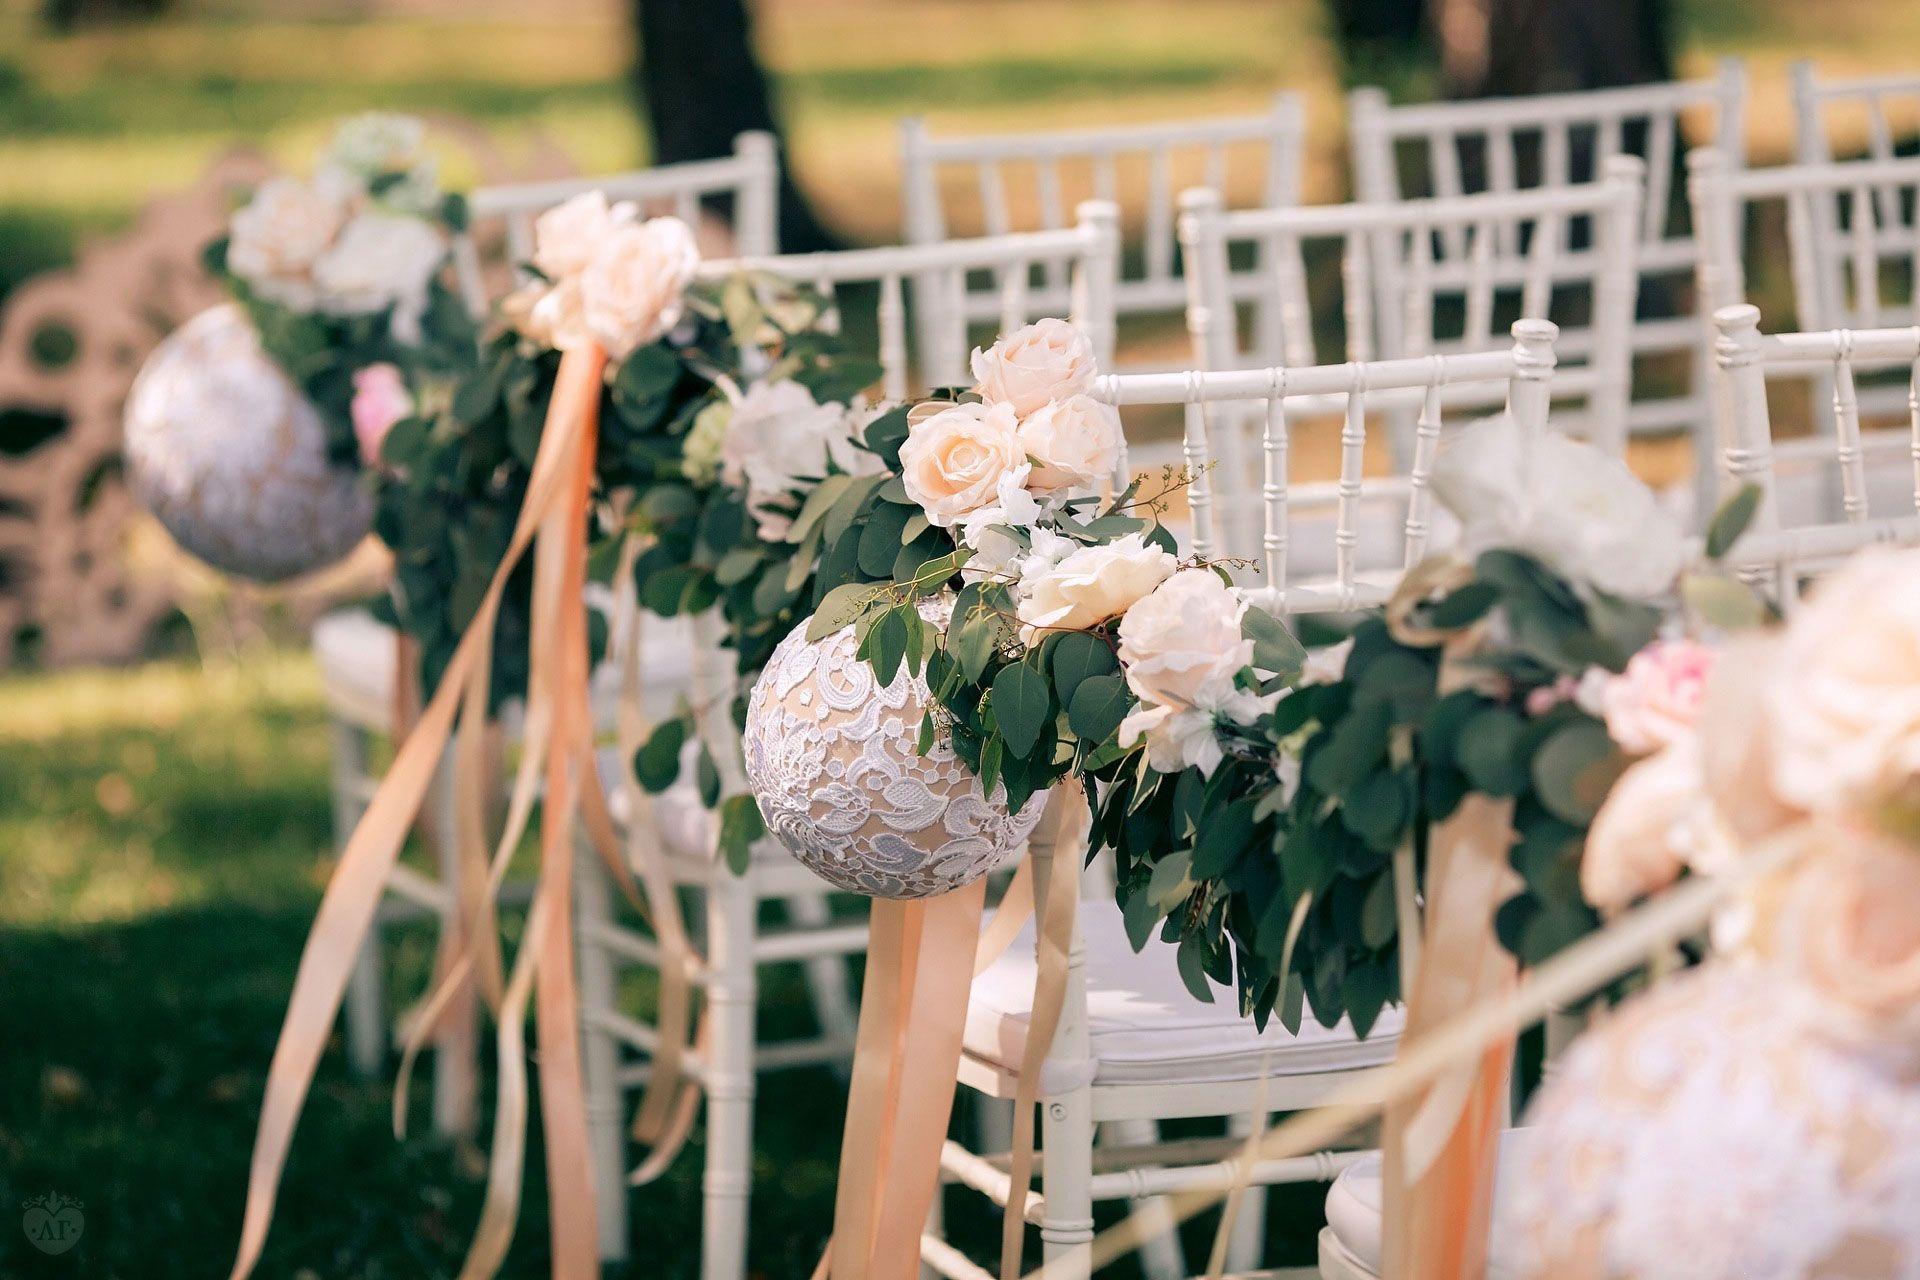 Резные орнаменты. Свадьба Анны и Тимура, фото 3